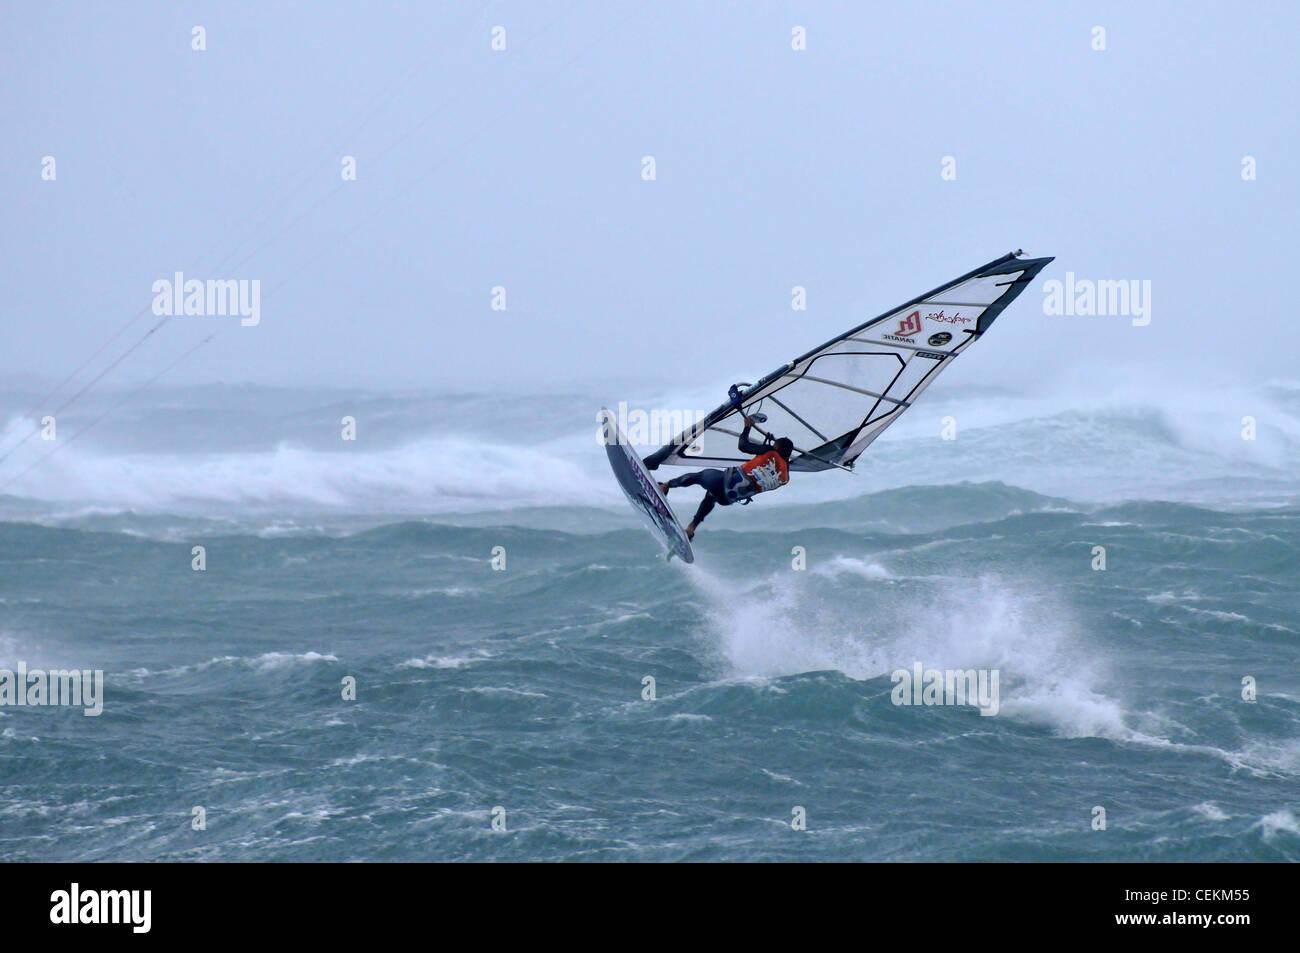 Storm Rider 2012, l israeliano wind surf la concorrenza in Bat Galim, Haifa.Febbraio 17, 2012 . Foto di Shay prelievo Immagini Stock